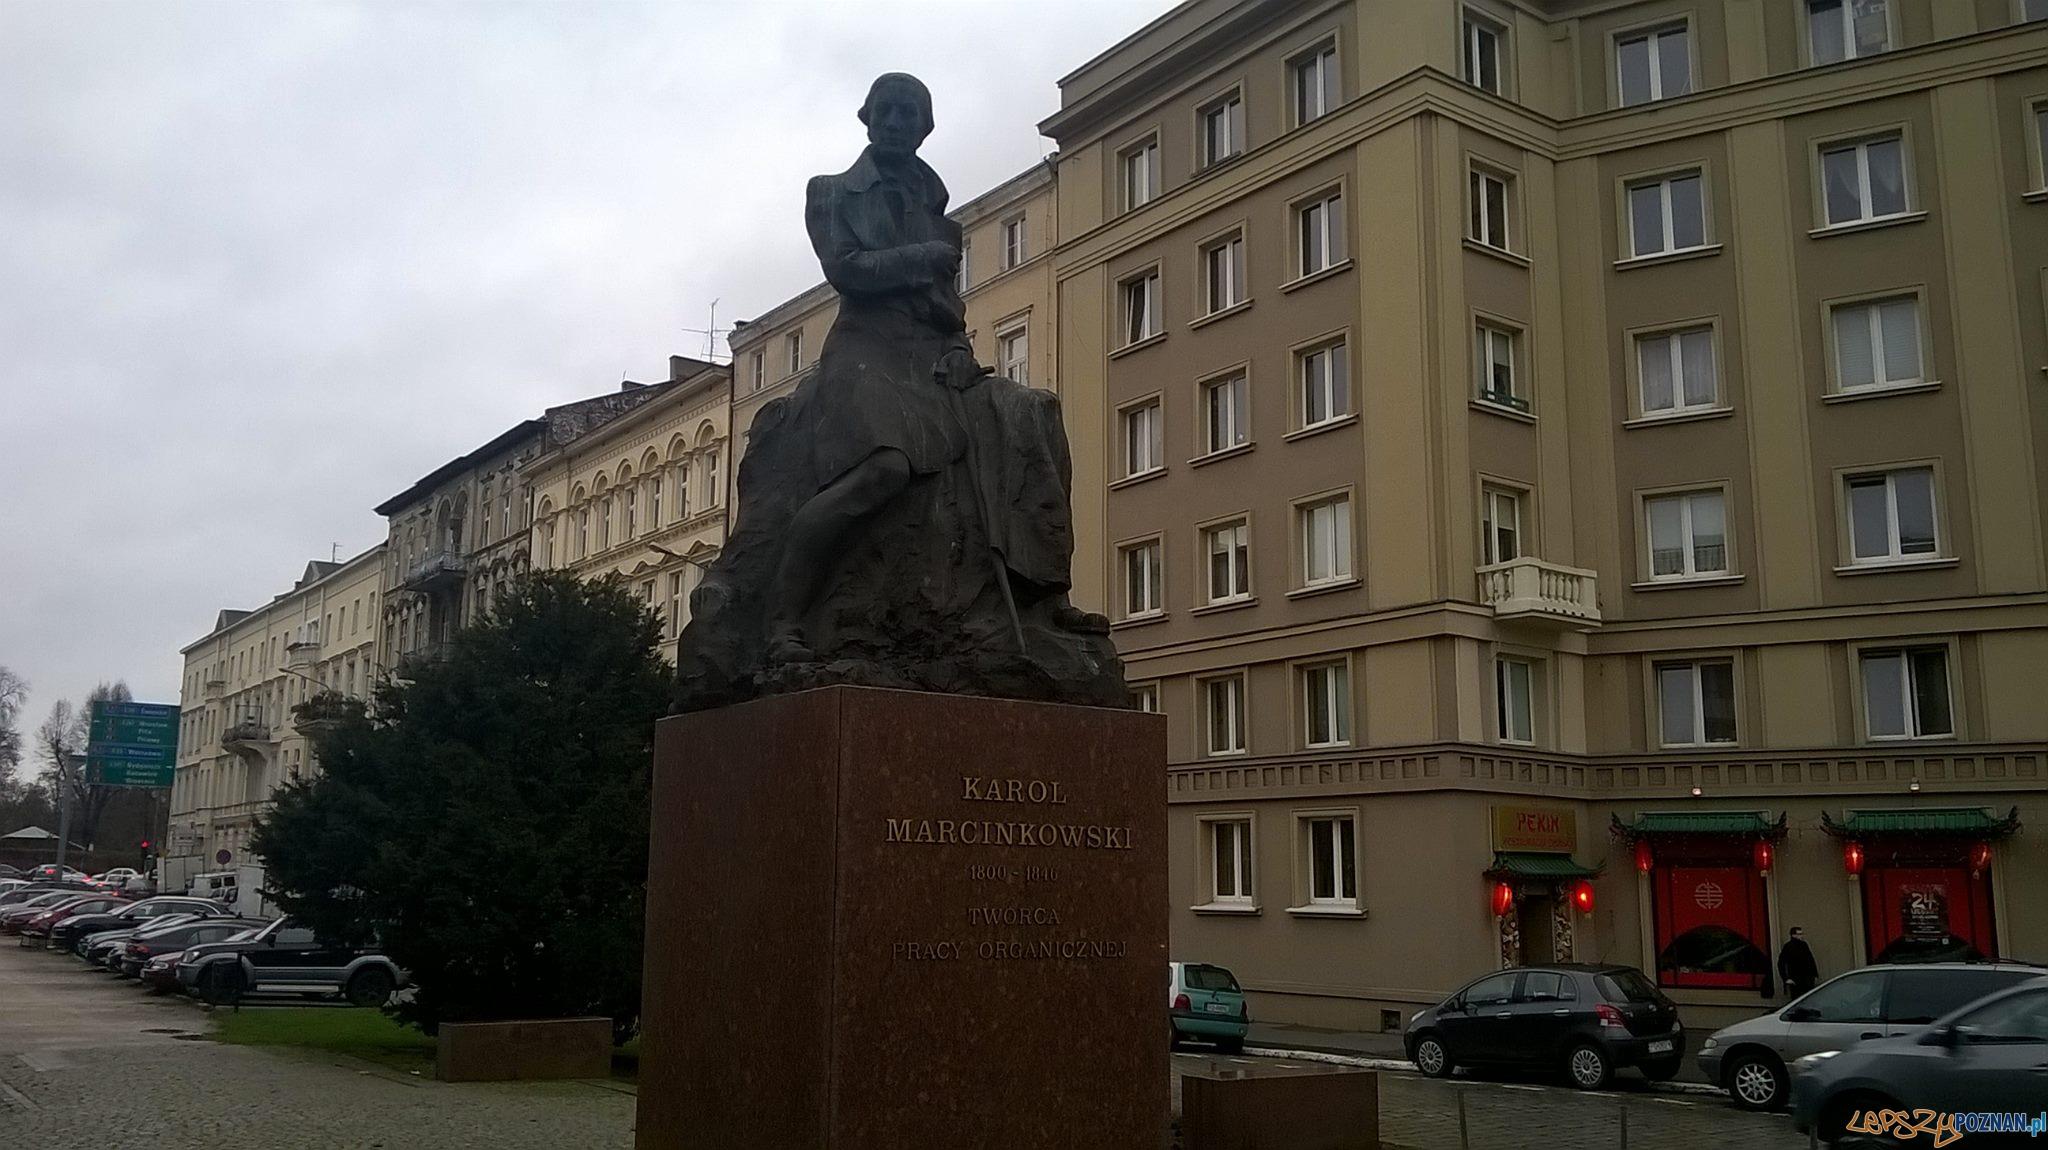 Pomnik Karola Marcinkowskiego  Foto: Grupa przewodników PoPoznaniu